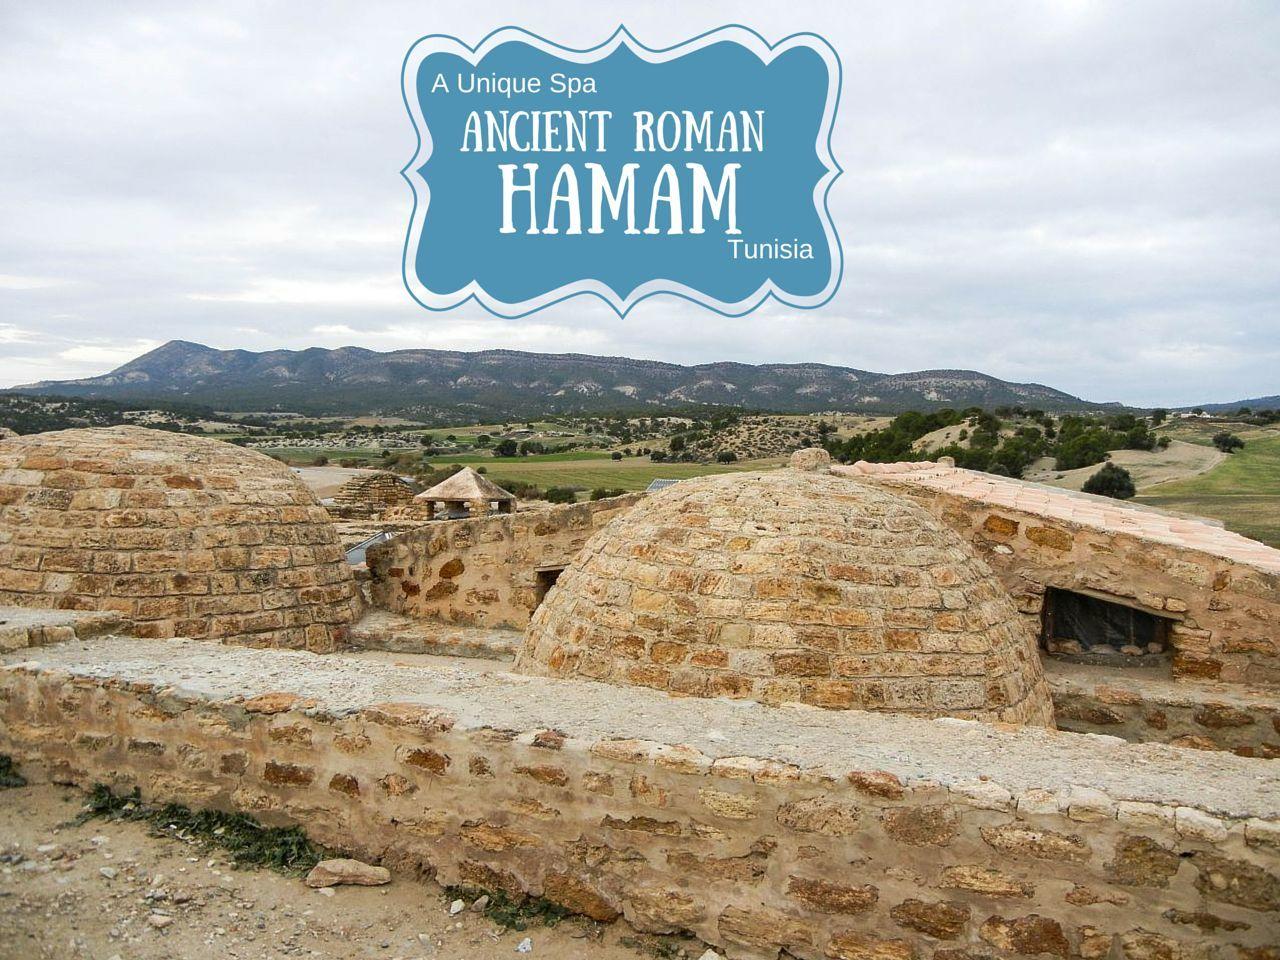 Ancient Roman Spa in Tunisia